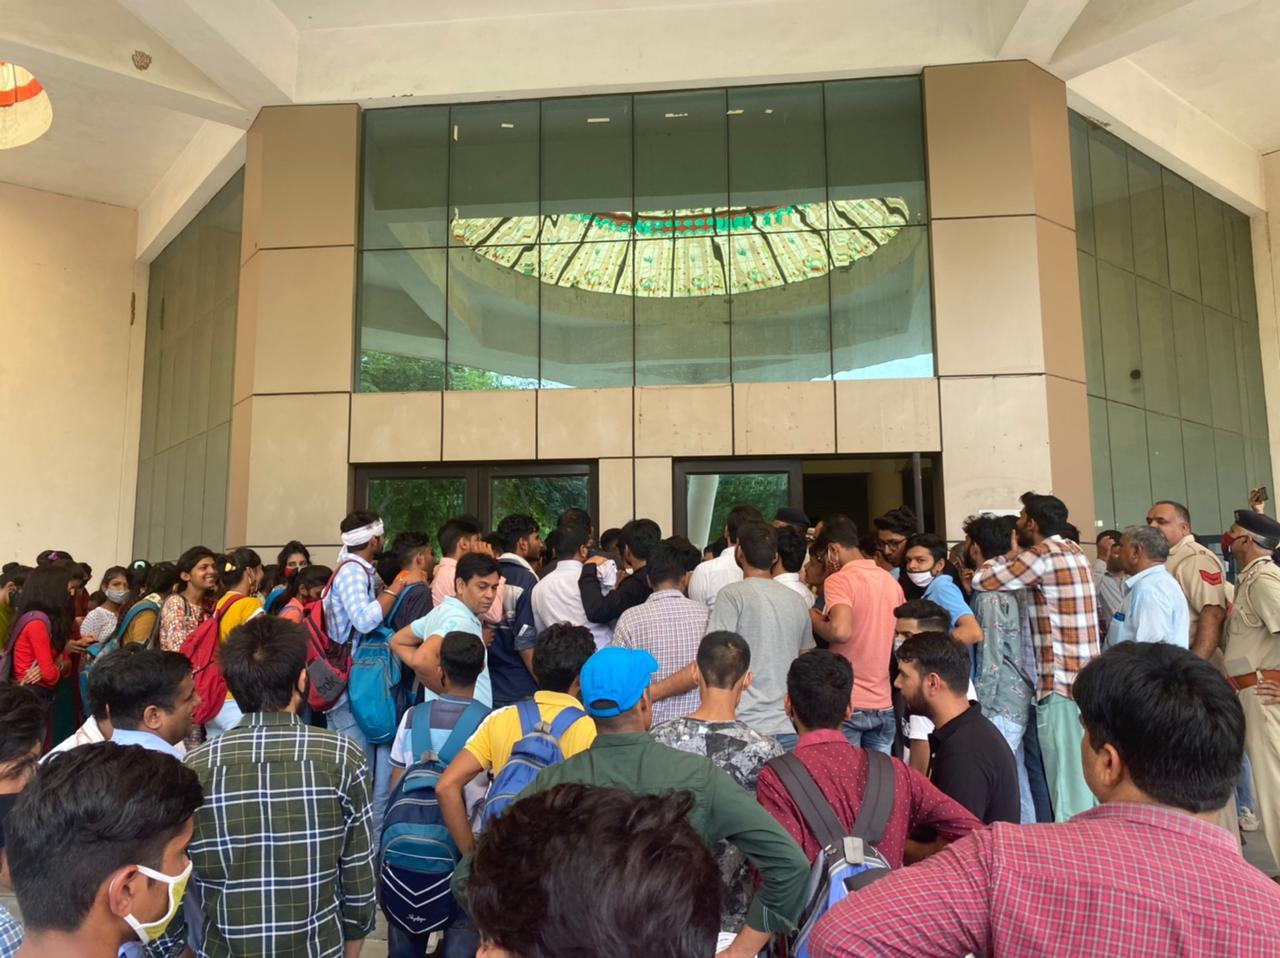 प्रोटेस्ट कर रहे विद्यार्थियों के साथ महिला पुलिसकर्मी की झड़प, छात्रा को जड़ा थप्पड़; डीसी ऑफिस मे धरना देंगे ABVP कार्यकर्ता|रेवाड़ी,Rewari - Dainik Bhaskar